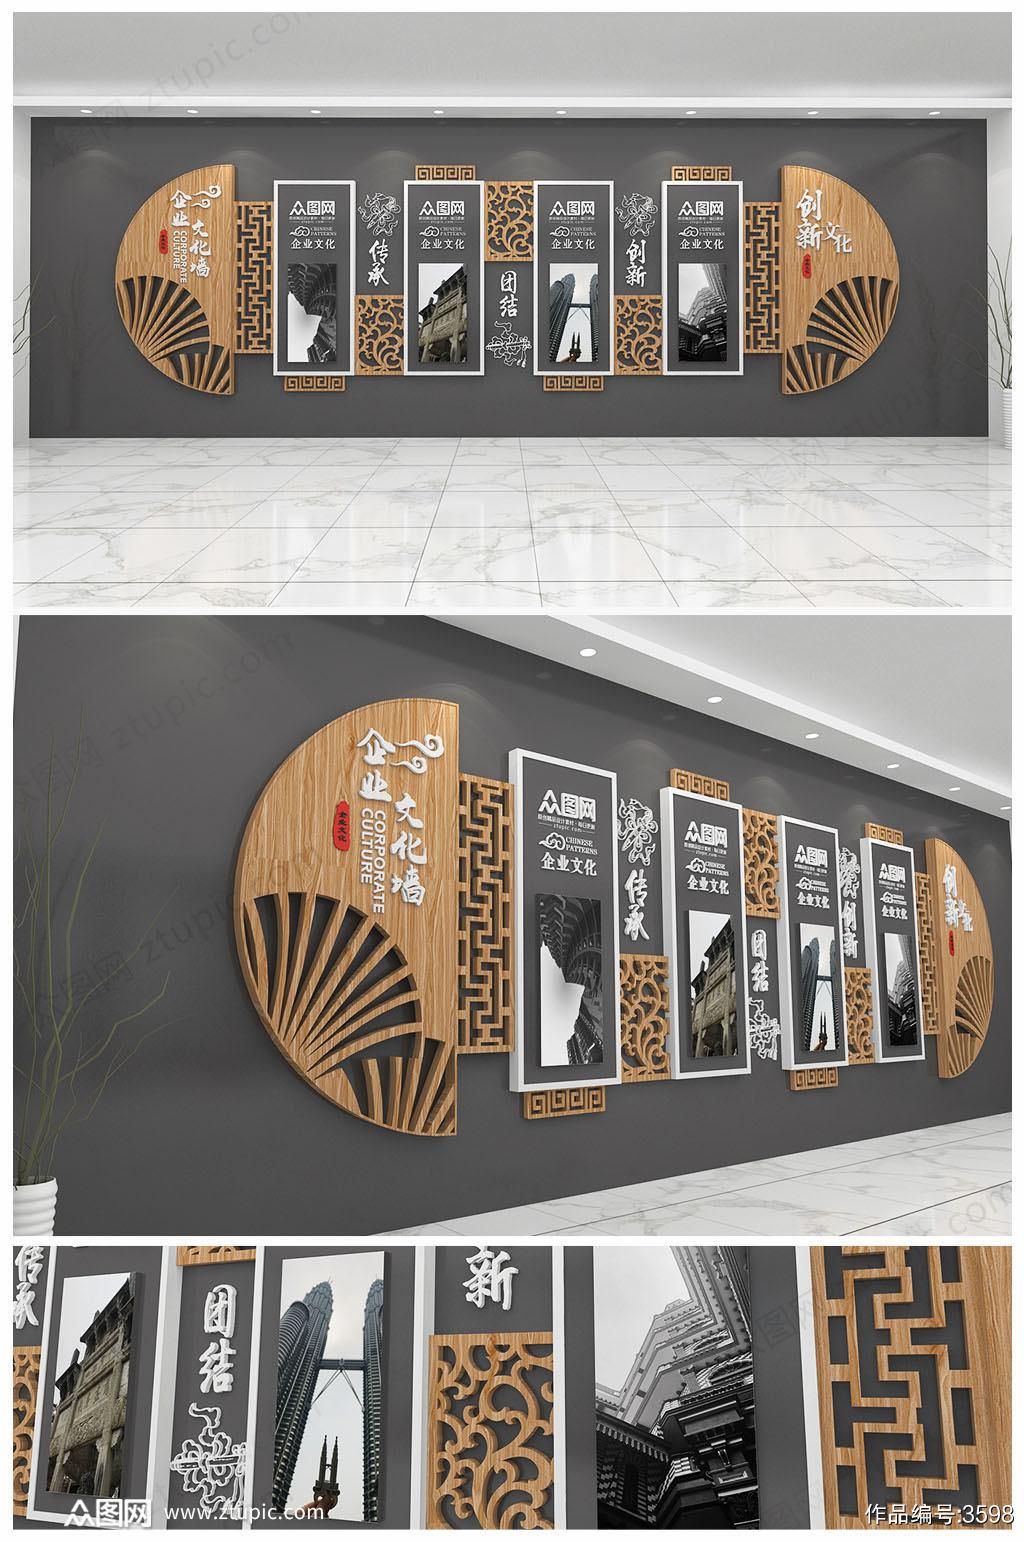 中式木质企业文化墙设计素材